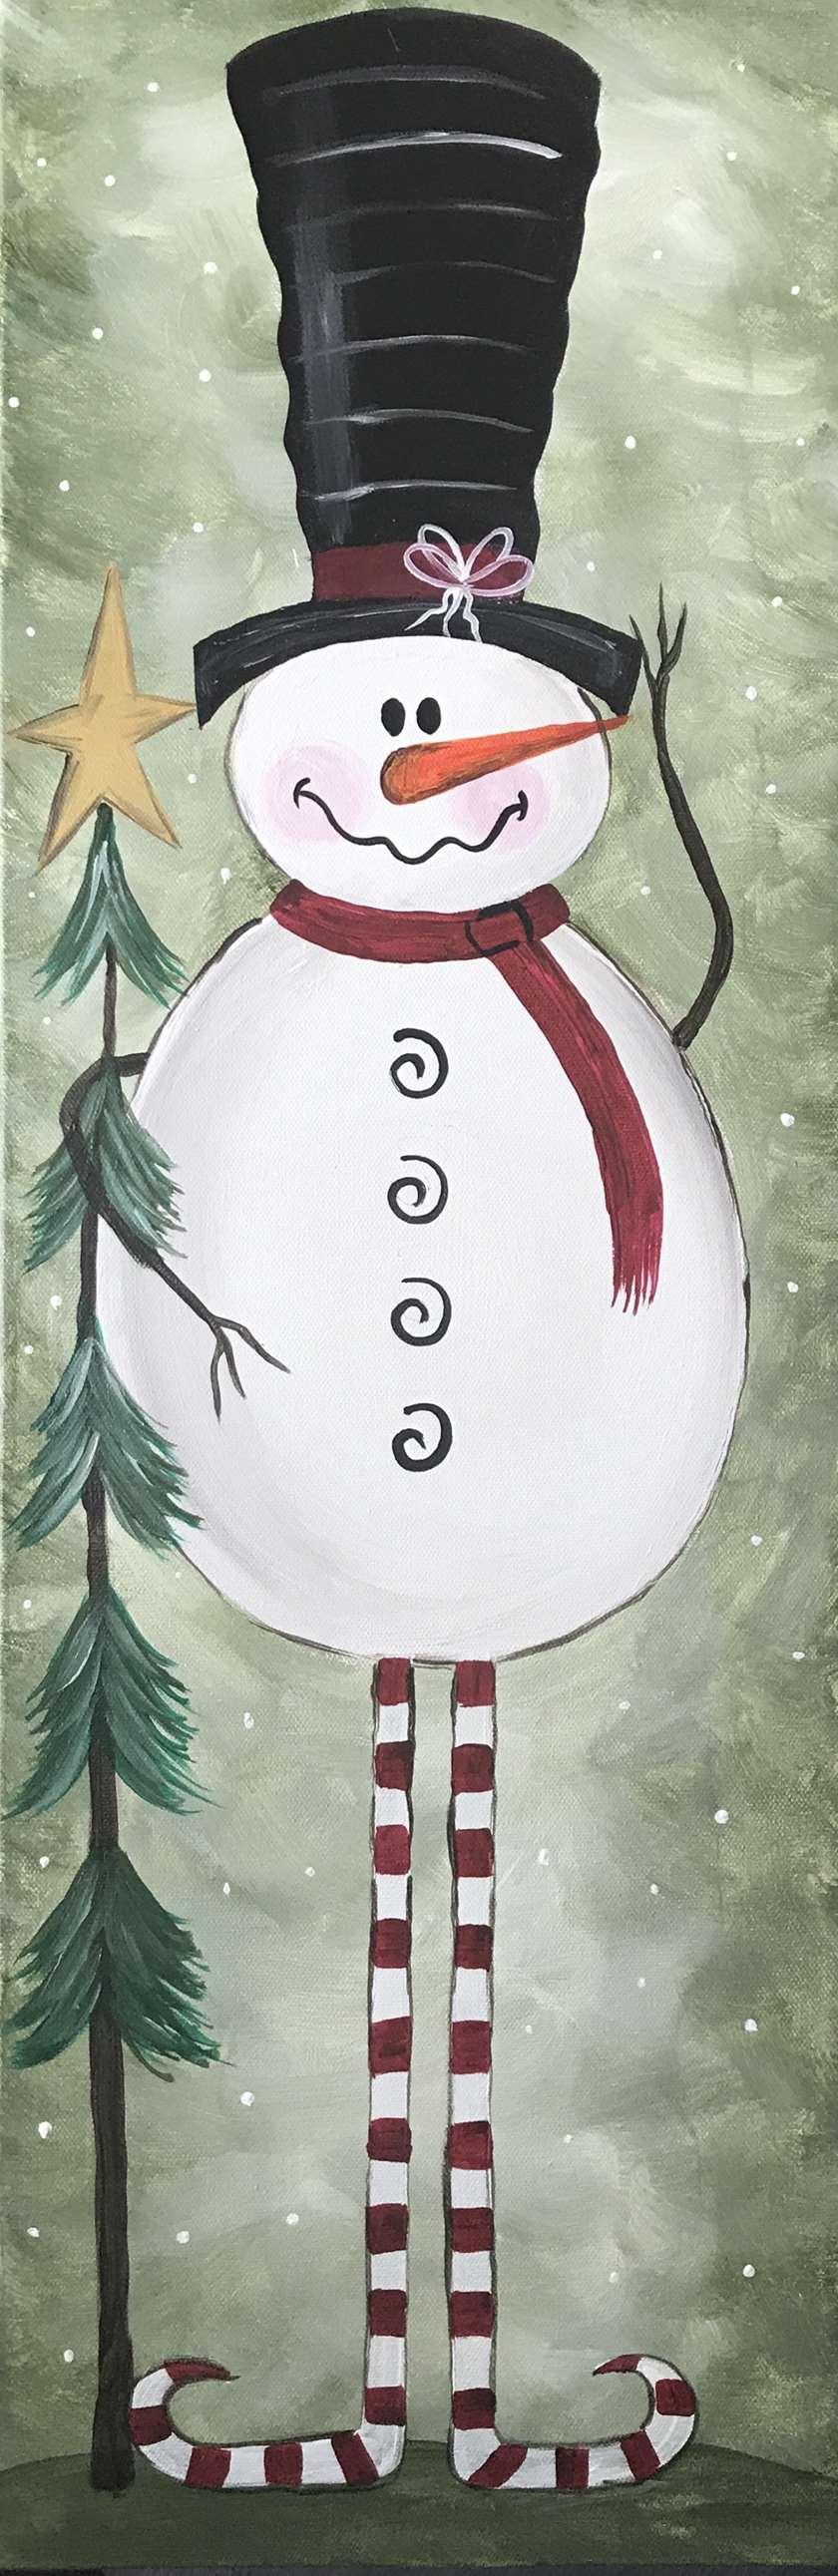 Vintage Snowman